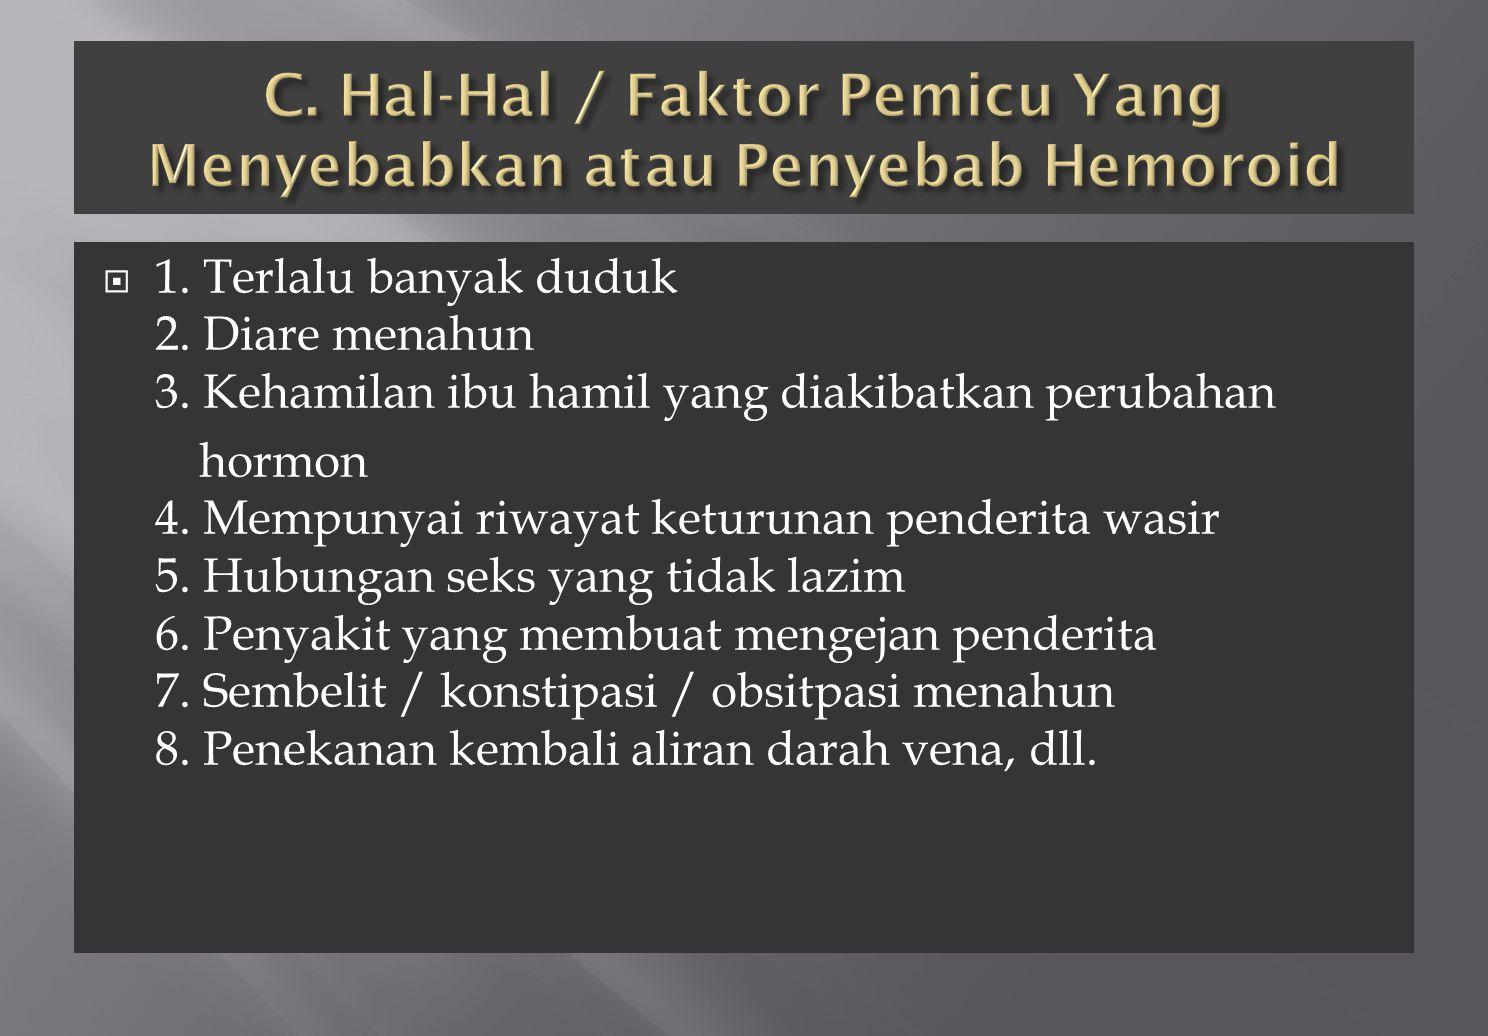 C. Hal-Hal / Faktor Pemicu Yang Menyebabkan atau Penyebab Hemoroid